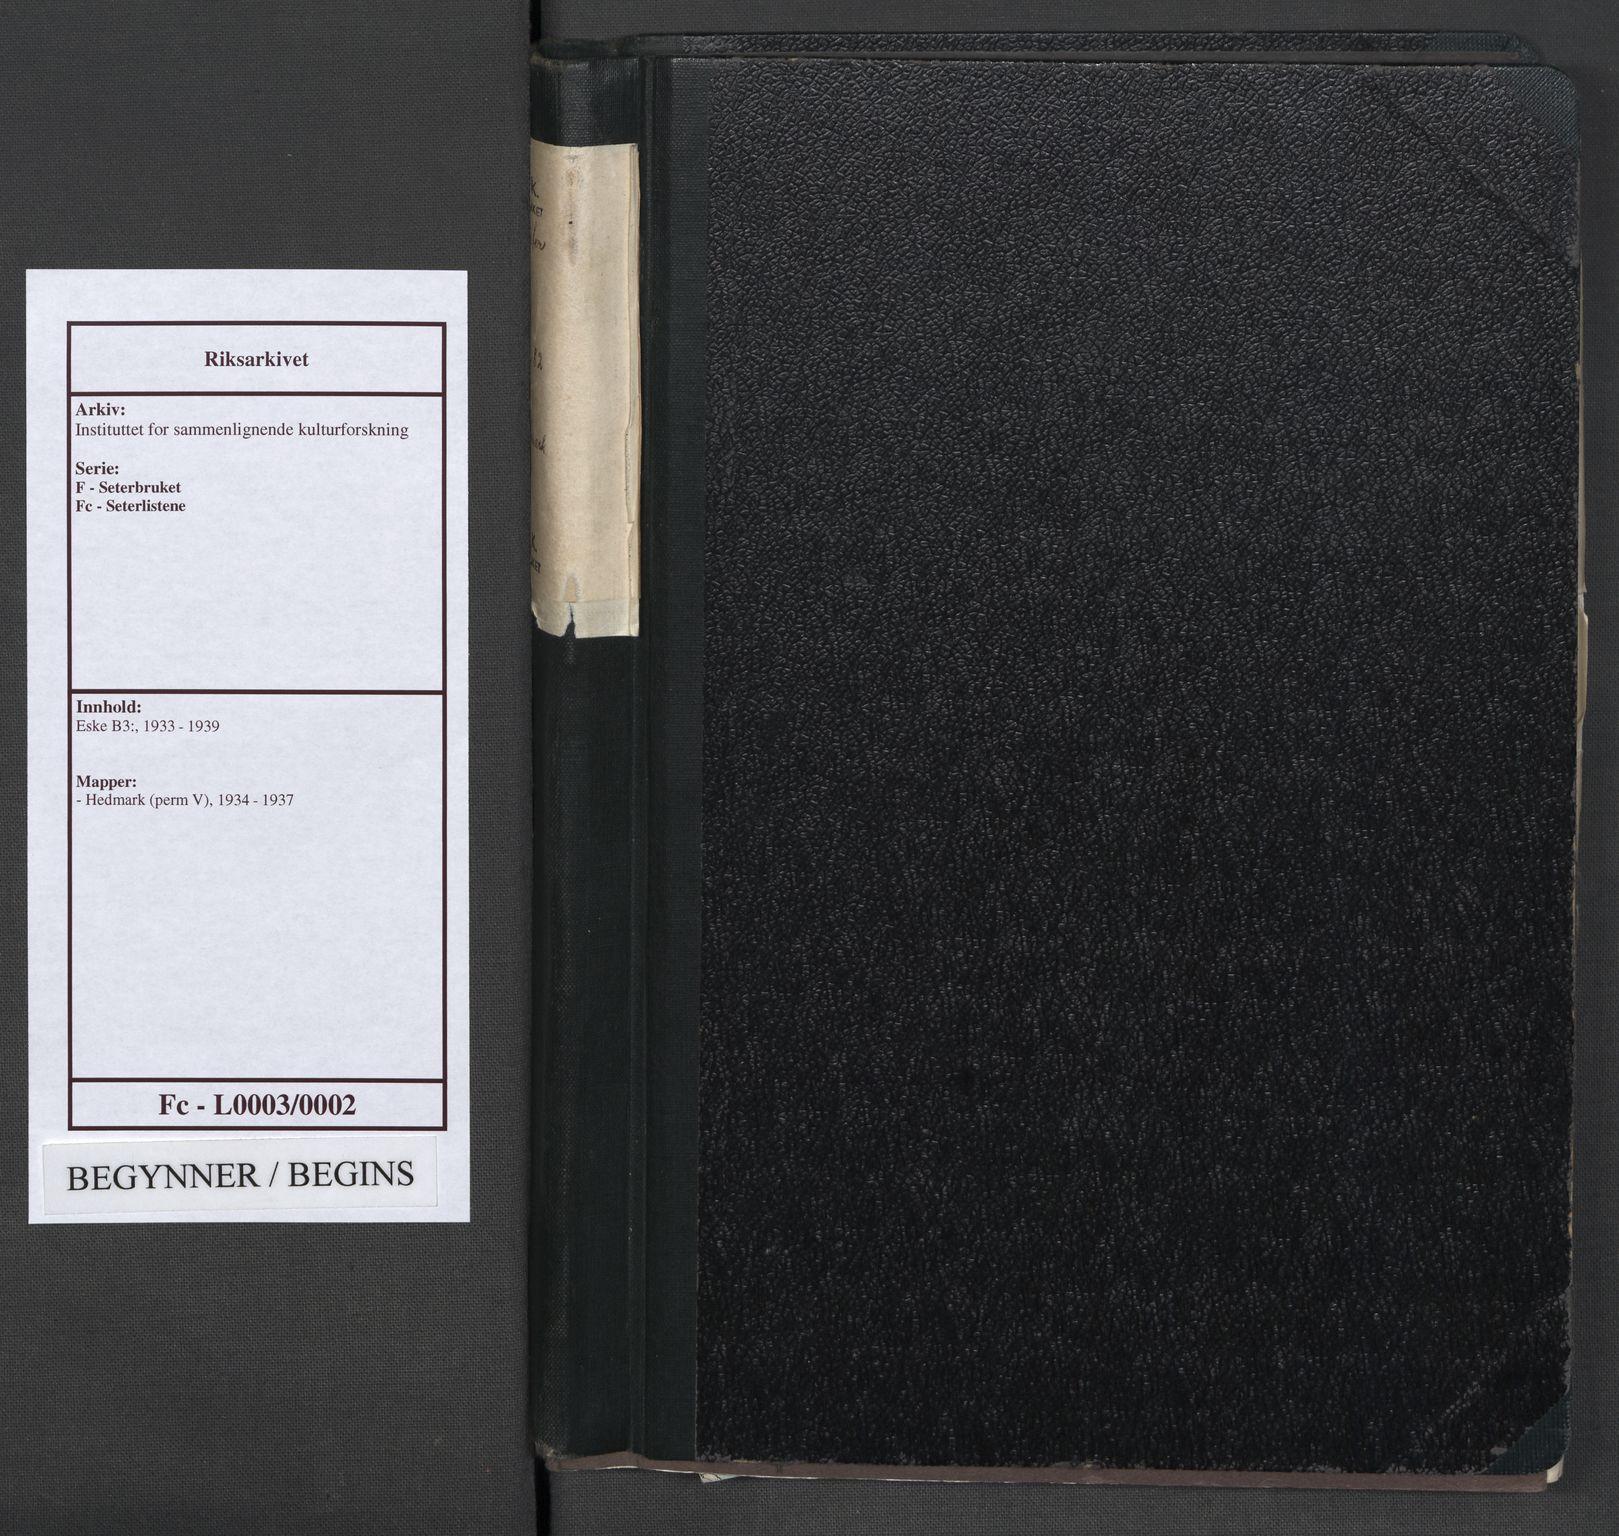 RA, Instituttet for sammenlignende kulturforskning, F/Fc/L0003: Eske B3:, 1934-1937, s. upaginert